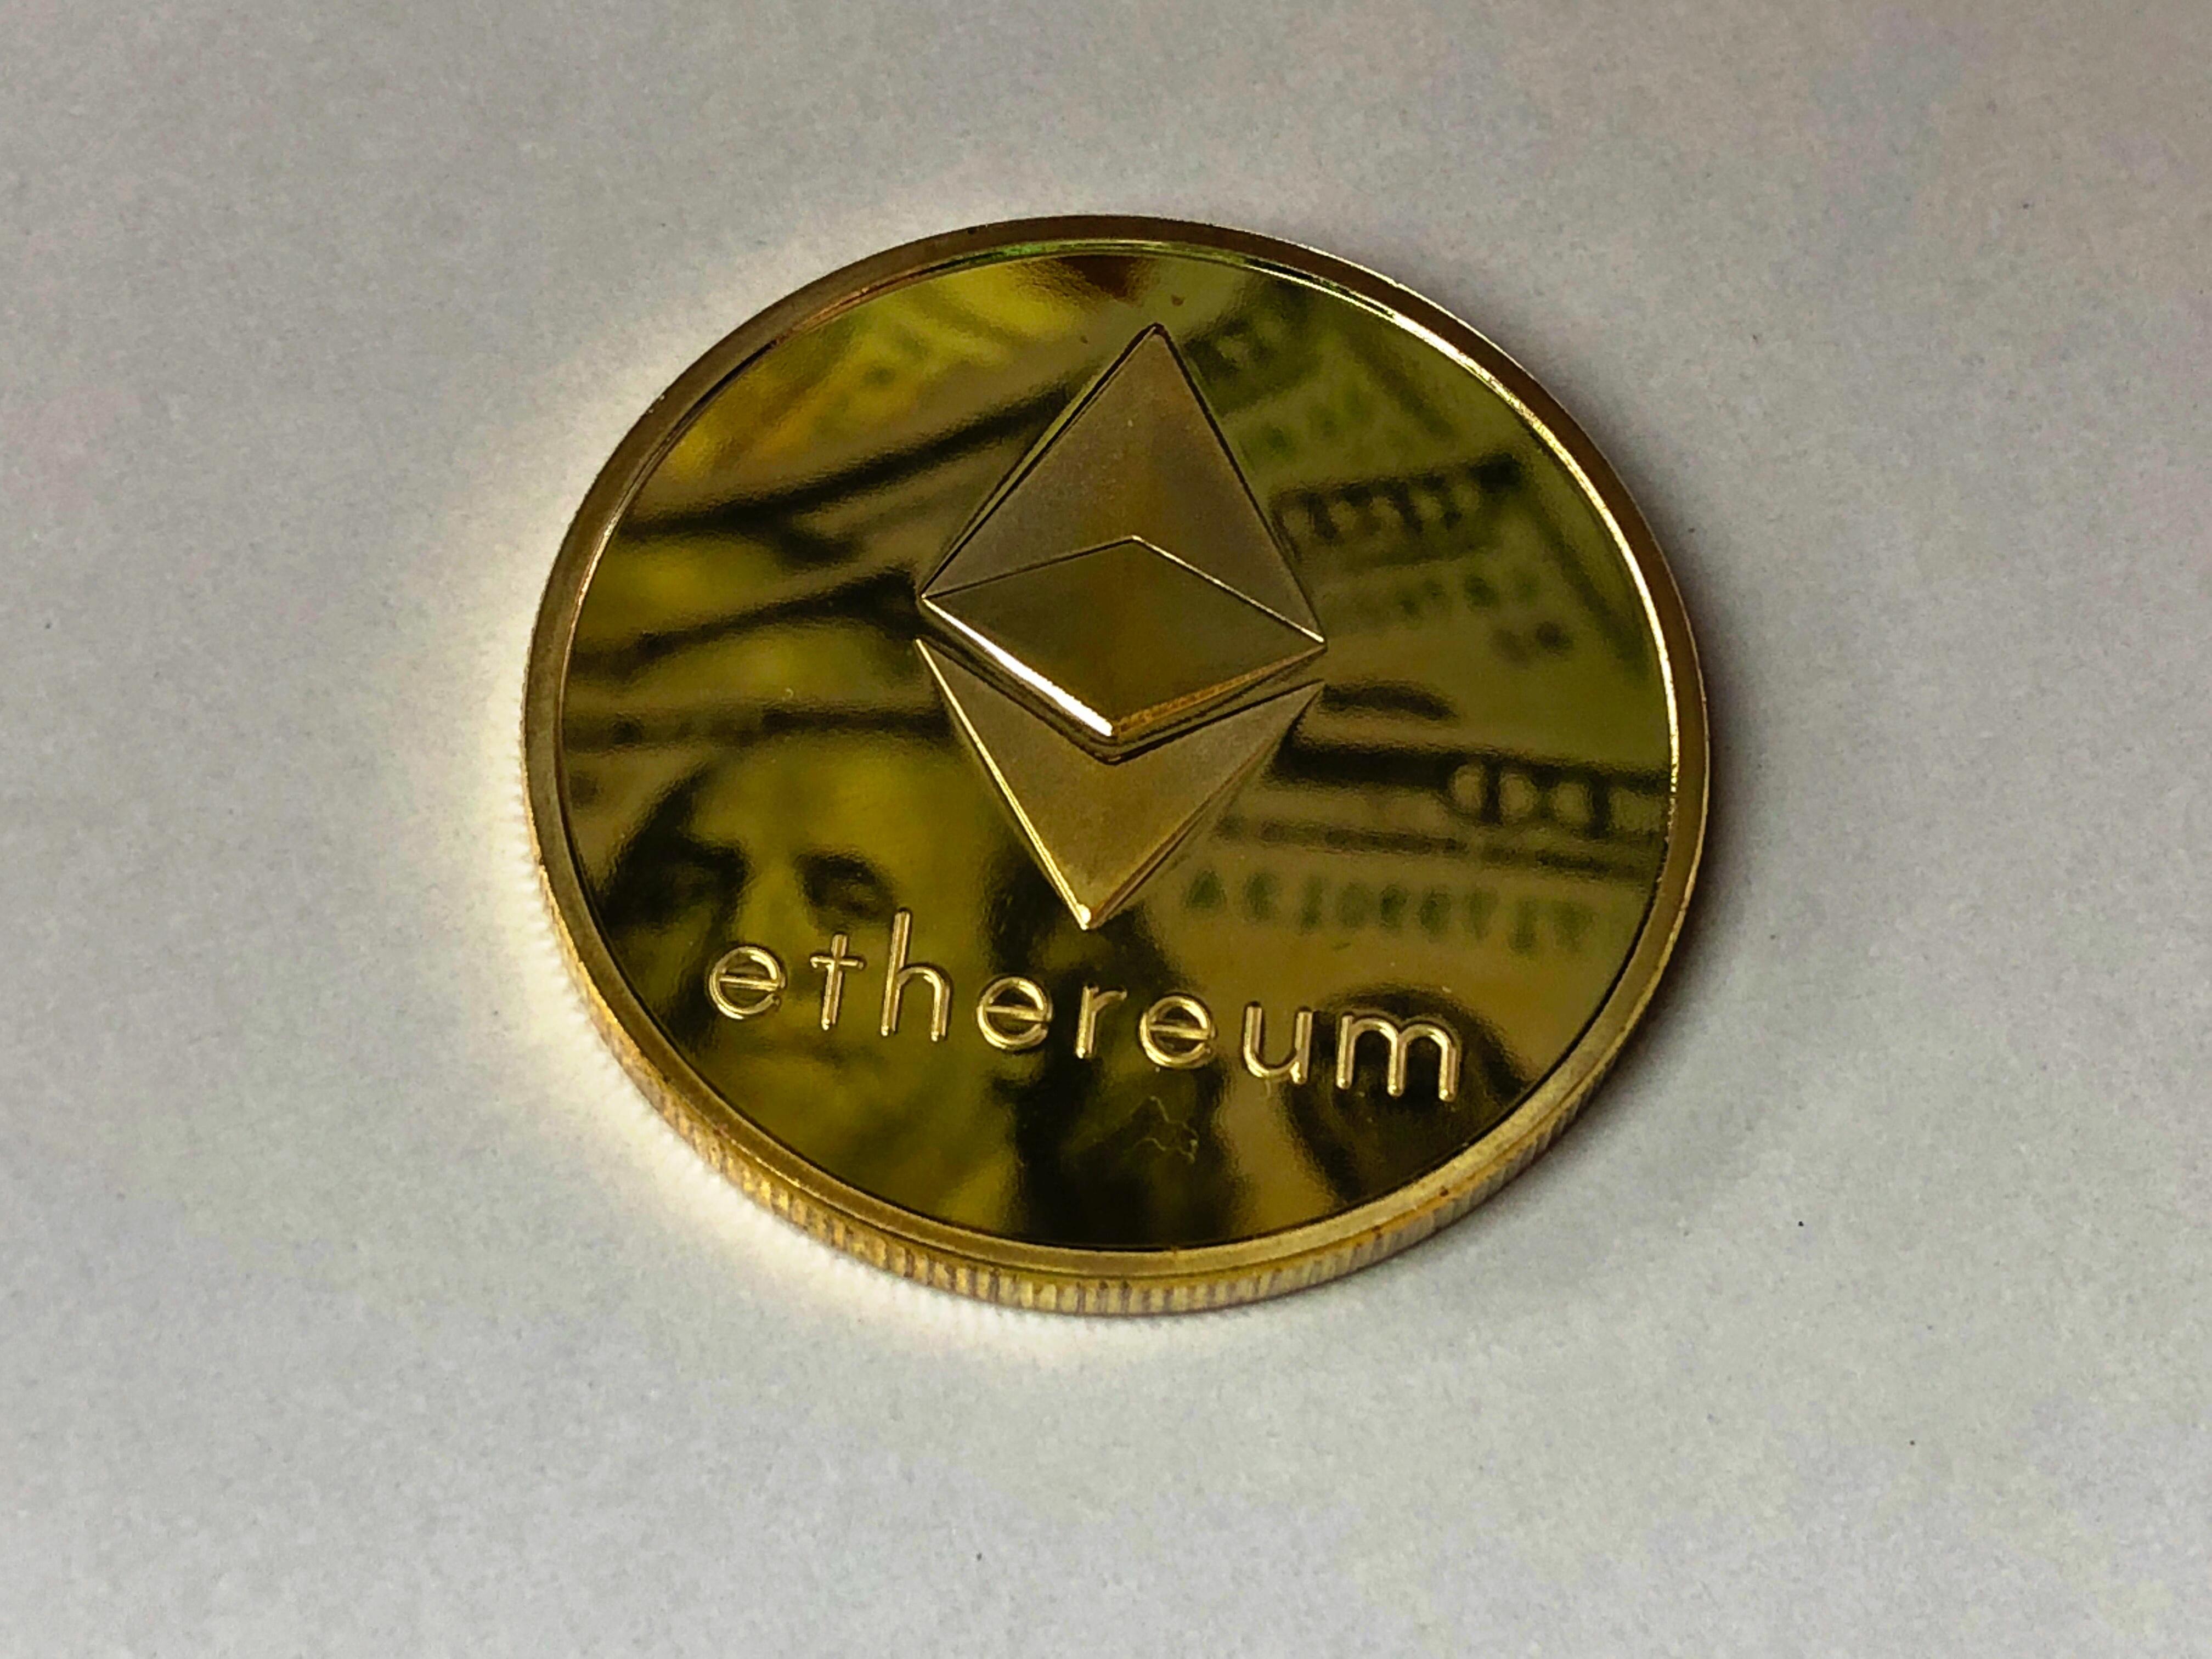 ethereum kurs, ethereum pris, ethereum graf, ether kurs, ether graf, ETH kurs, ETH pris, ETH kurs graf